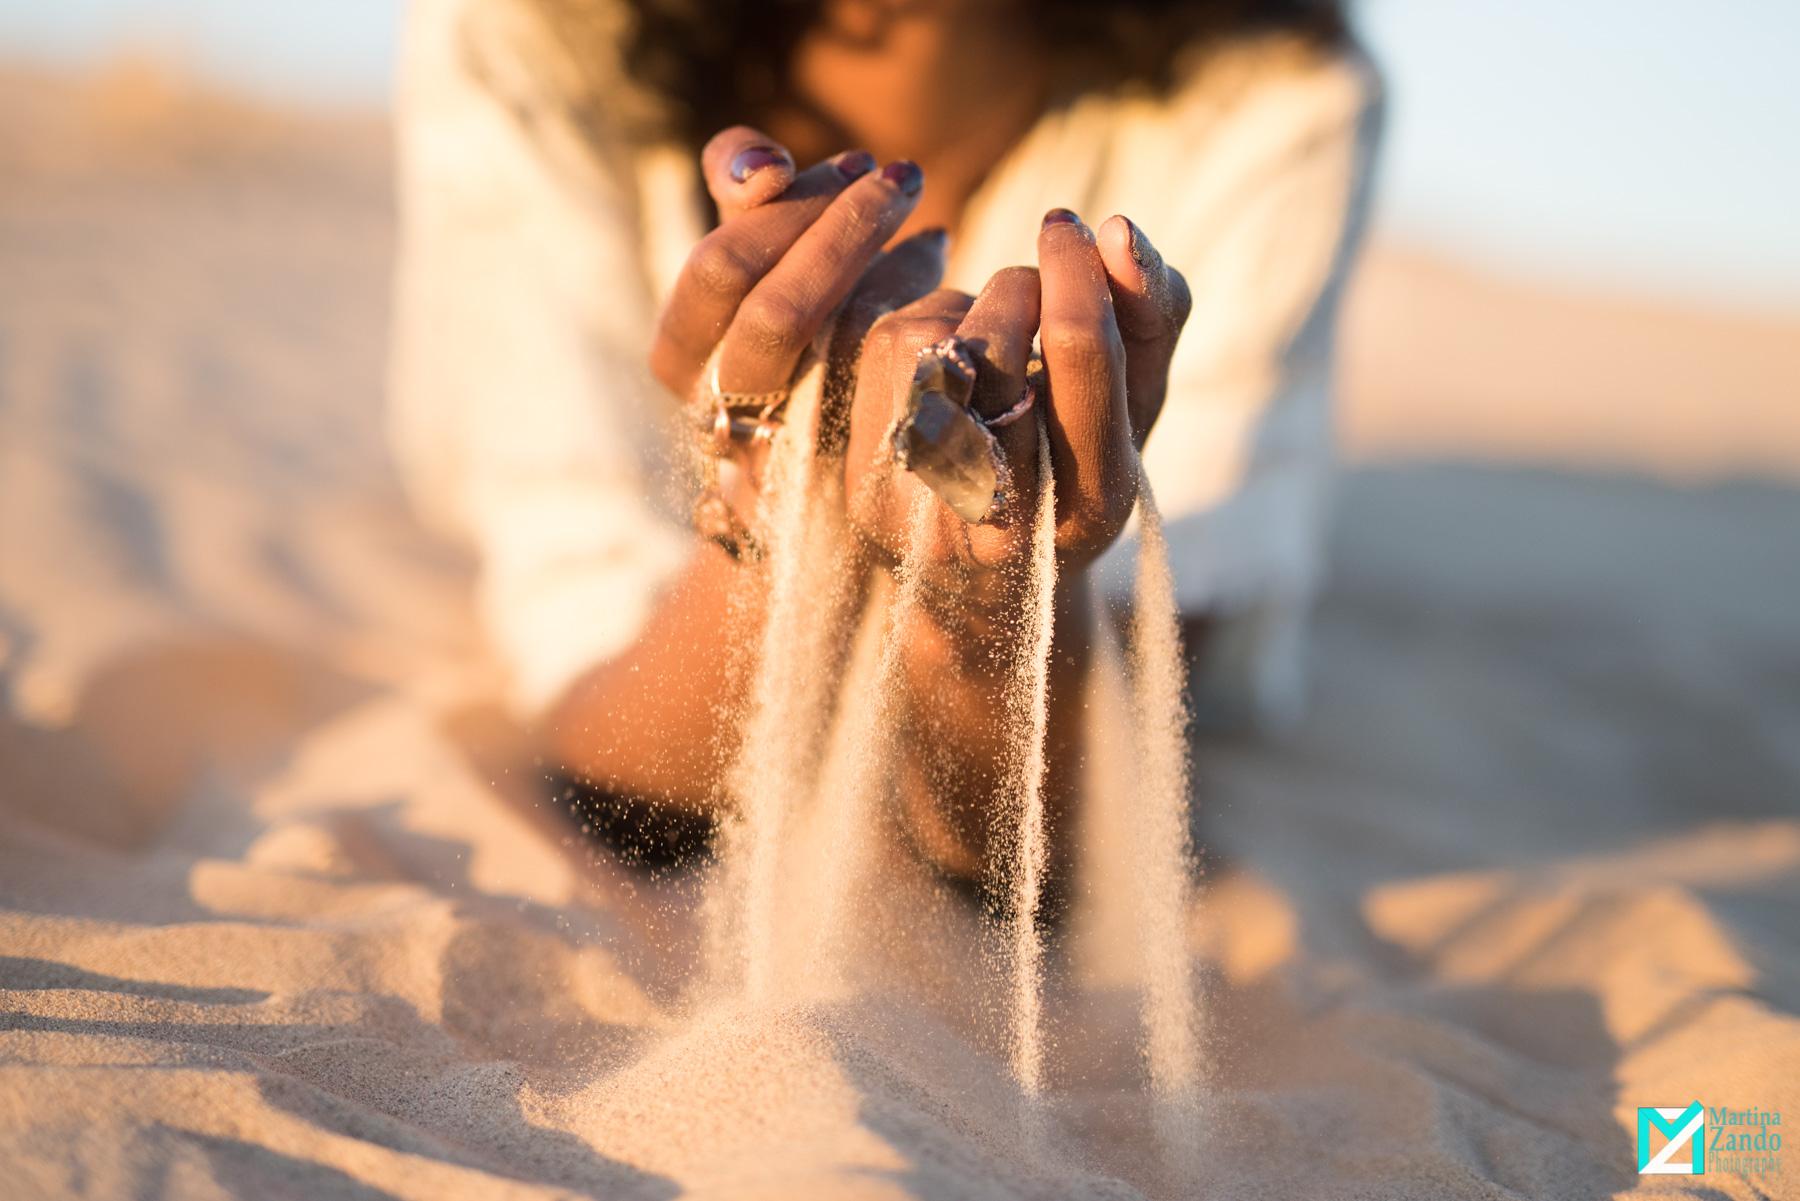 Sand Dunes_Martina_Zando-5617.jpg